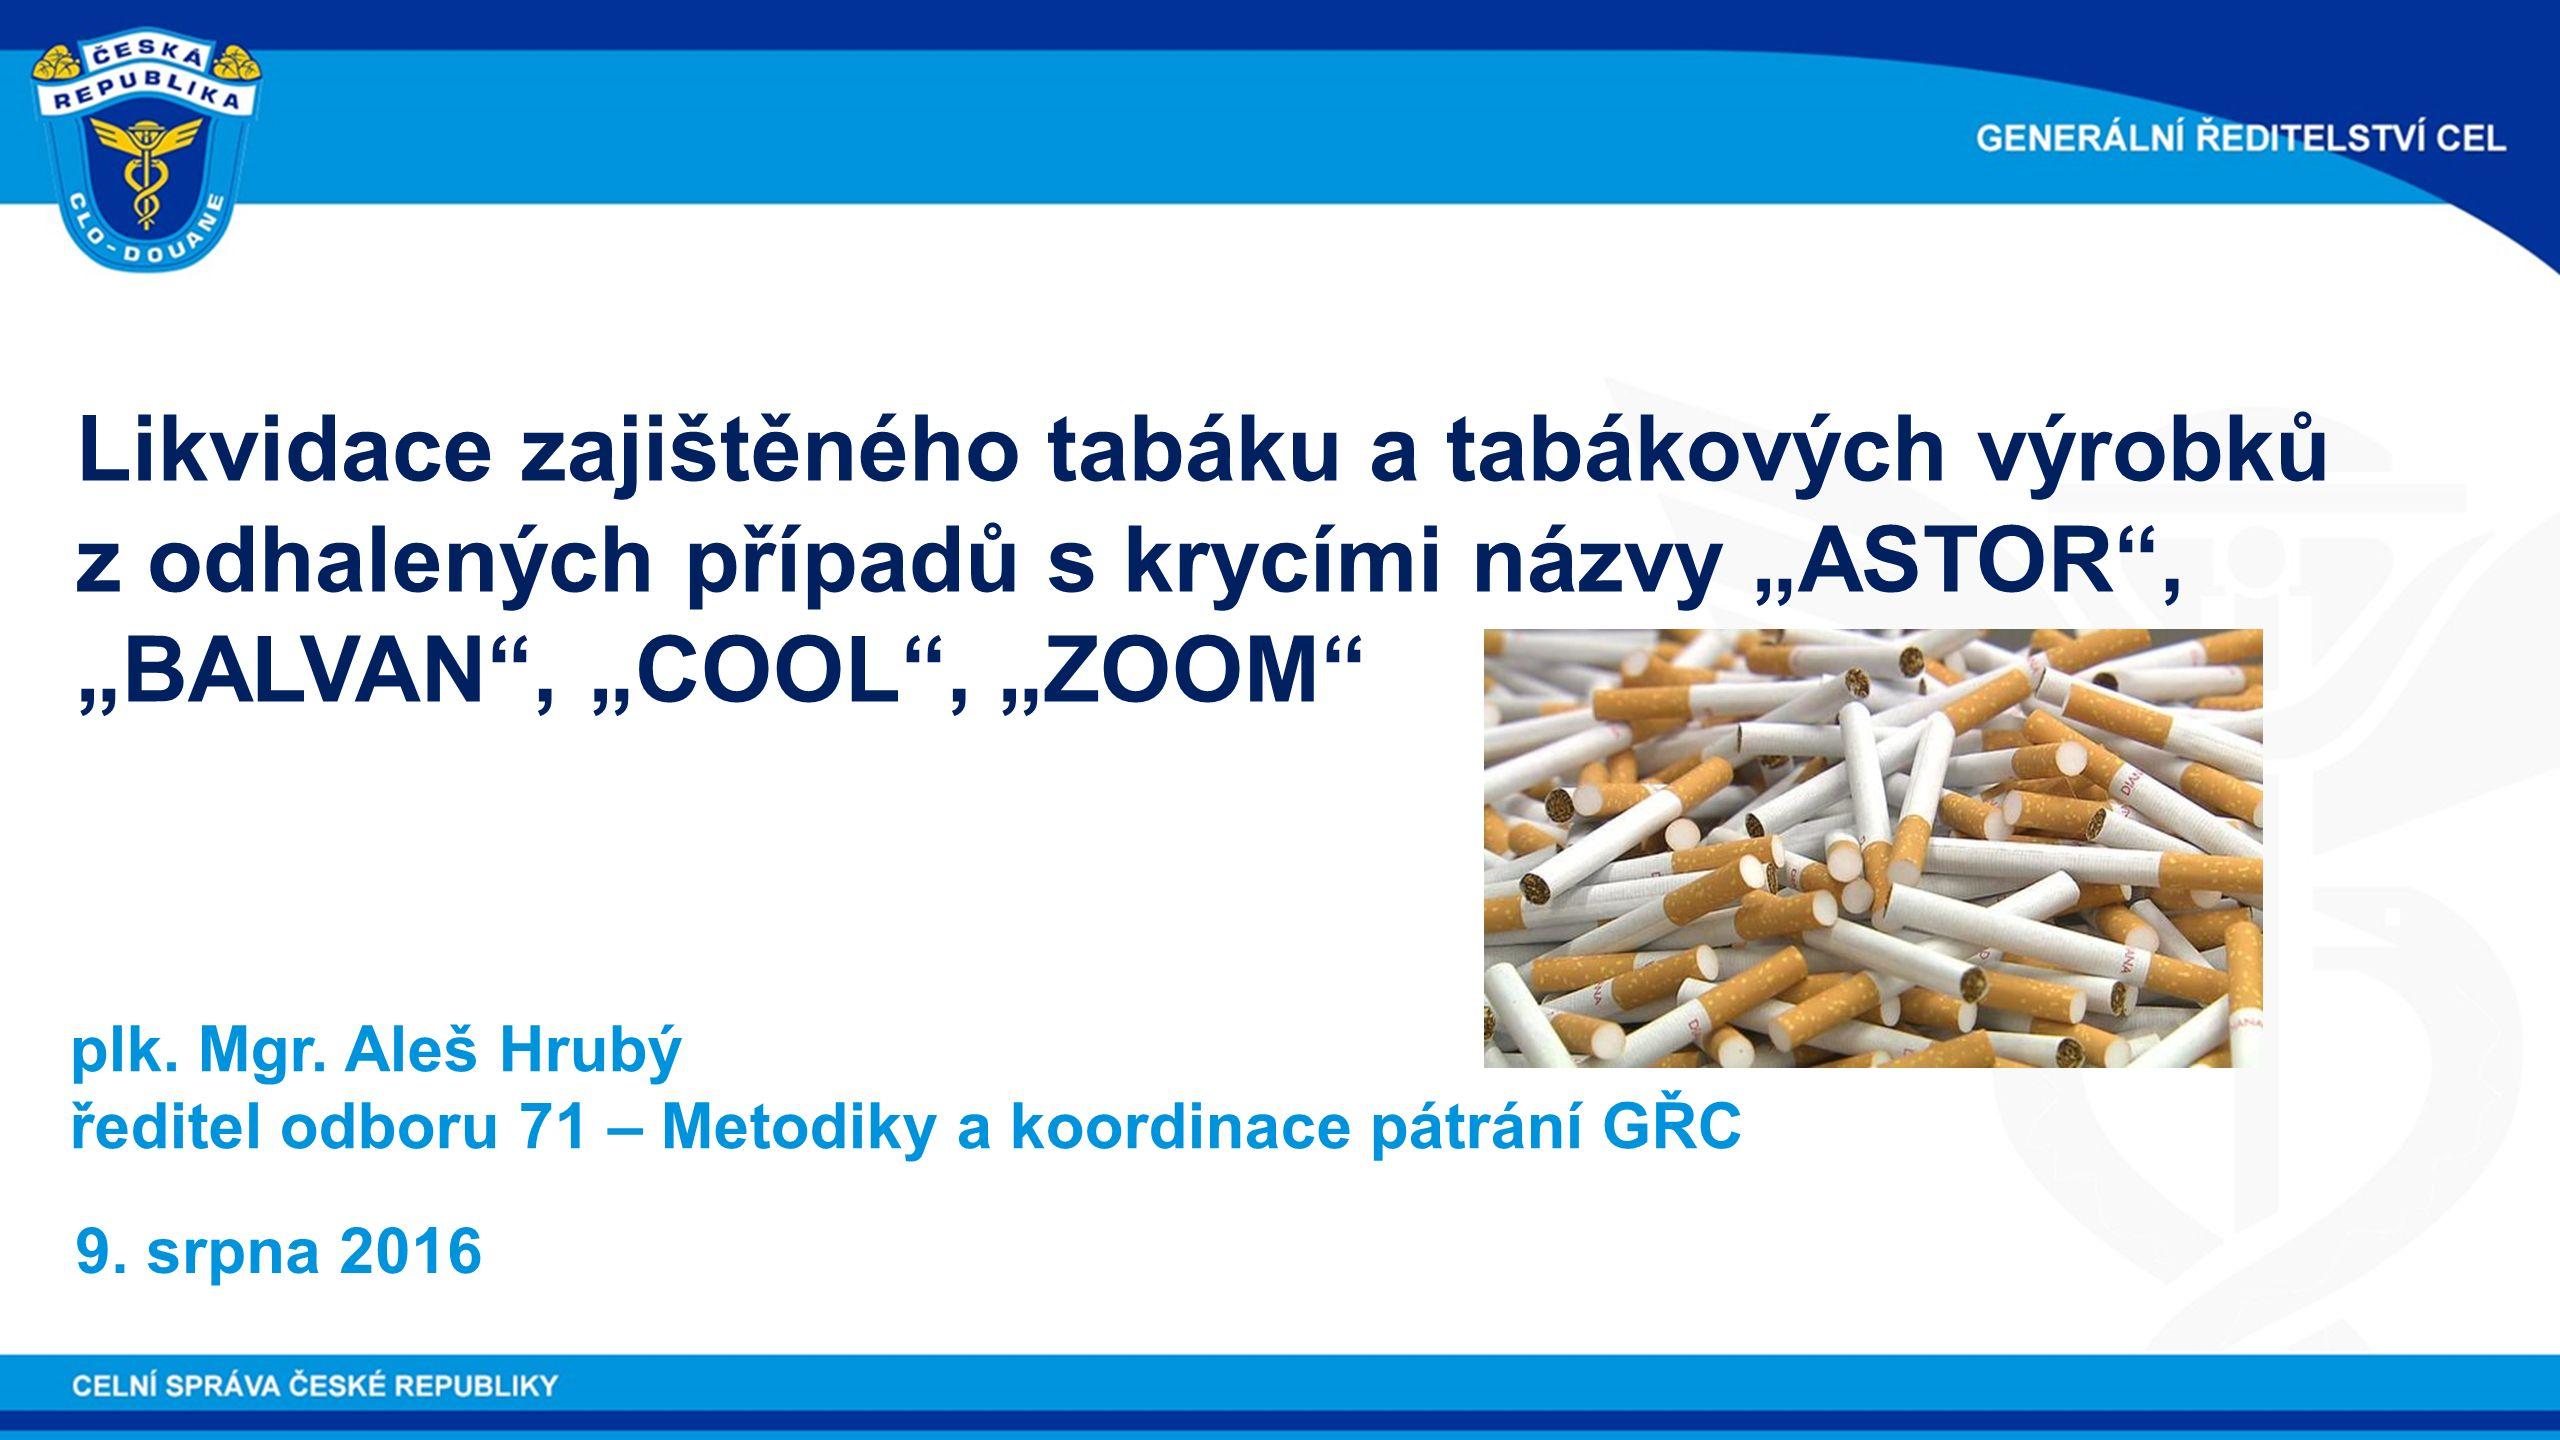 """Likvidace zajištěného tabáku a tabákových výrobků z odhalených případů s krycími názvy """"ASTOR"""", """"BALVAN"""", """"COOL"""", """"ZOOM"""" plk. Mgr. Aleš Hrubý ředitel"""